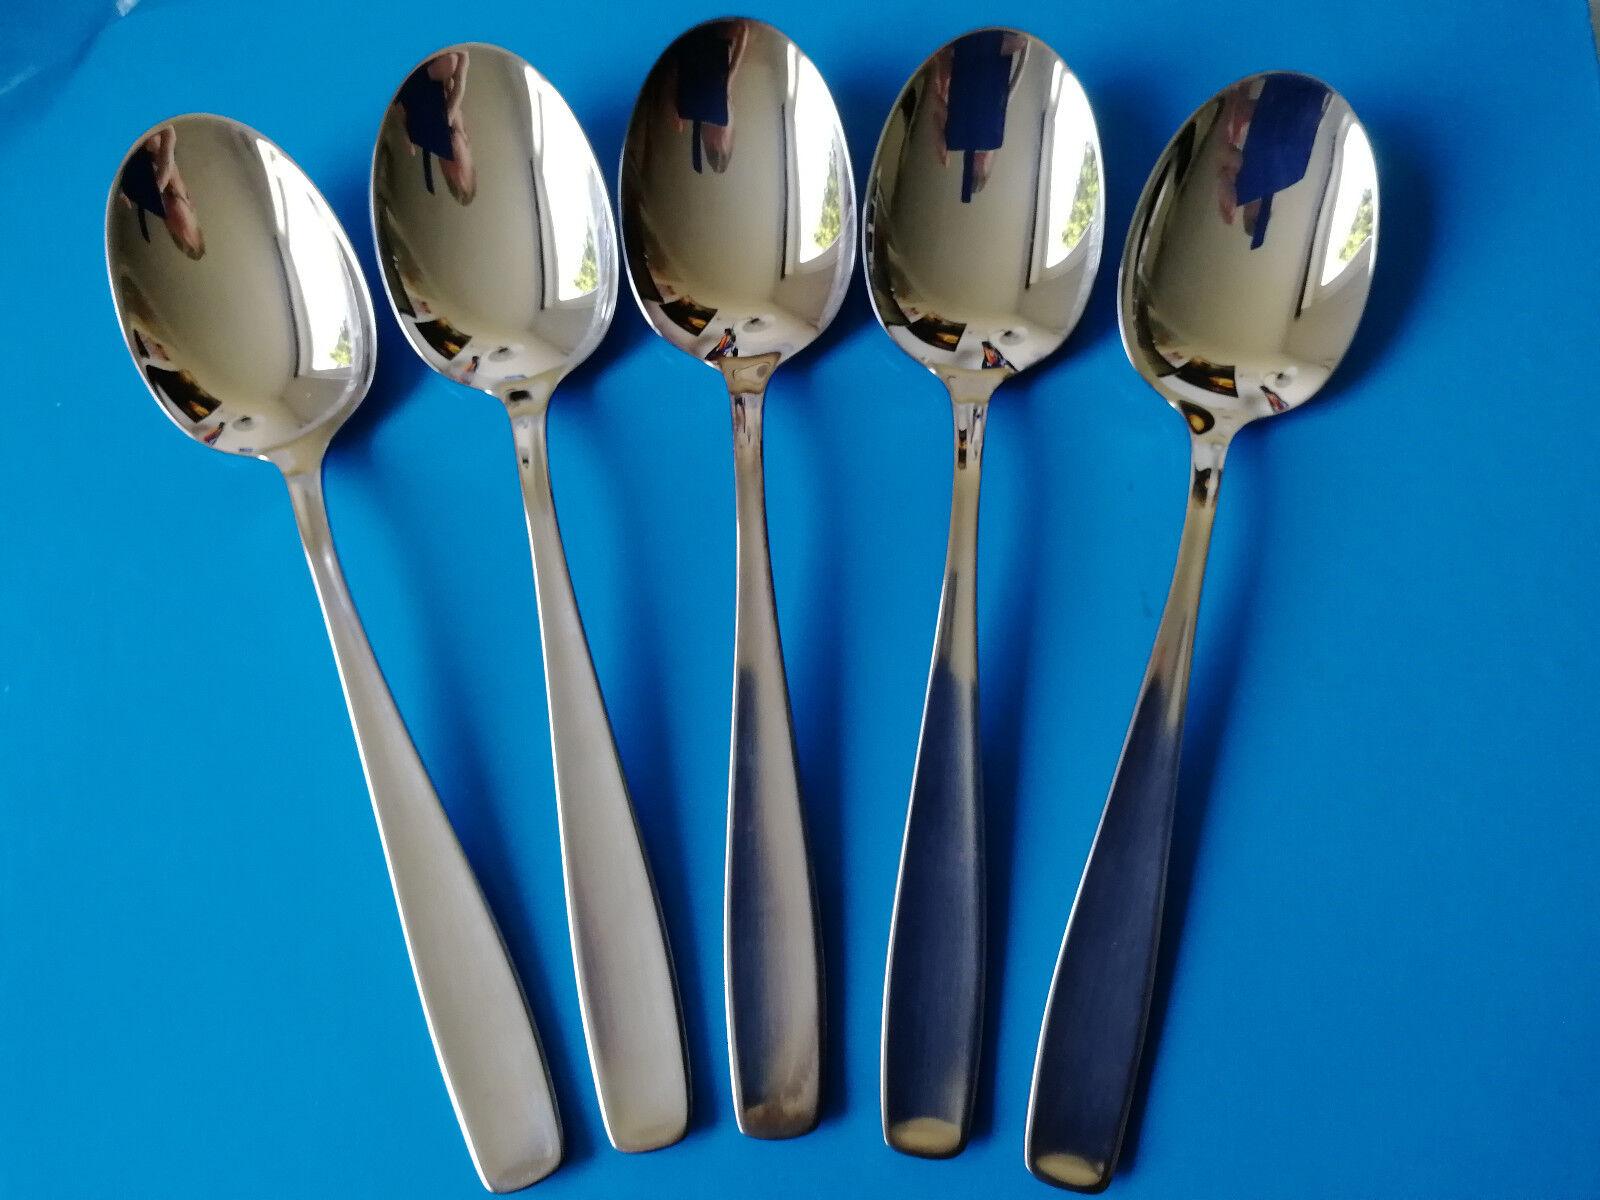 WMF Berlin Menülöffel, Menülöffel, Menülöffel, Tafellöffel 90er Silber - ca 18,5 cm  NEU | Niedriger Preis  886a56